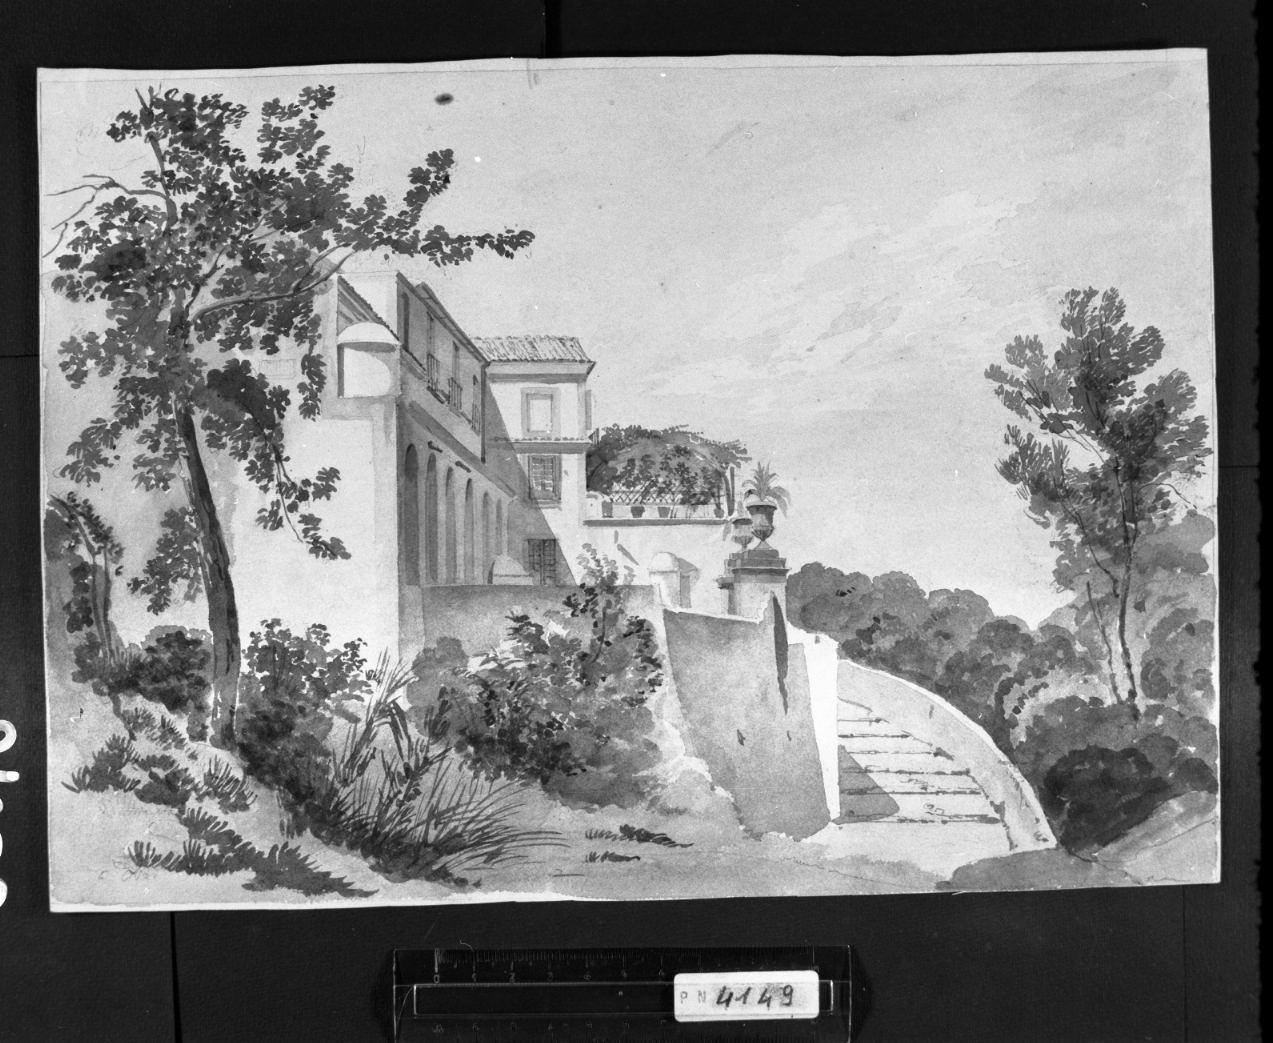 palazzo visto di fianco sulla collina (disegno) di Faccioli Raffaele (attribuito) (sec. XIX, terzo quarto)